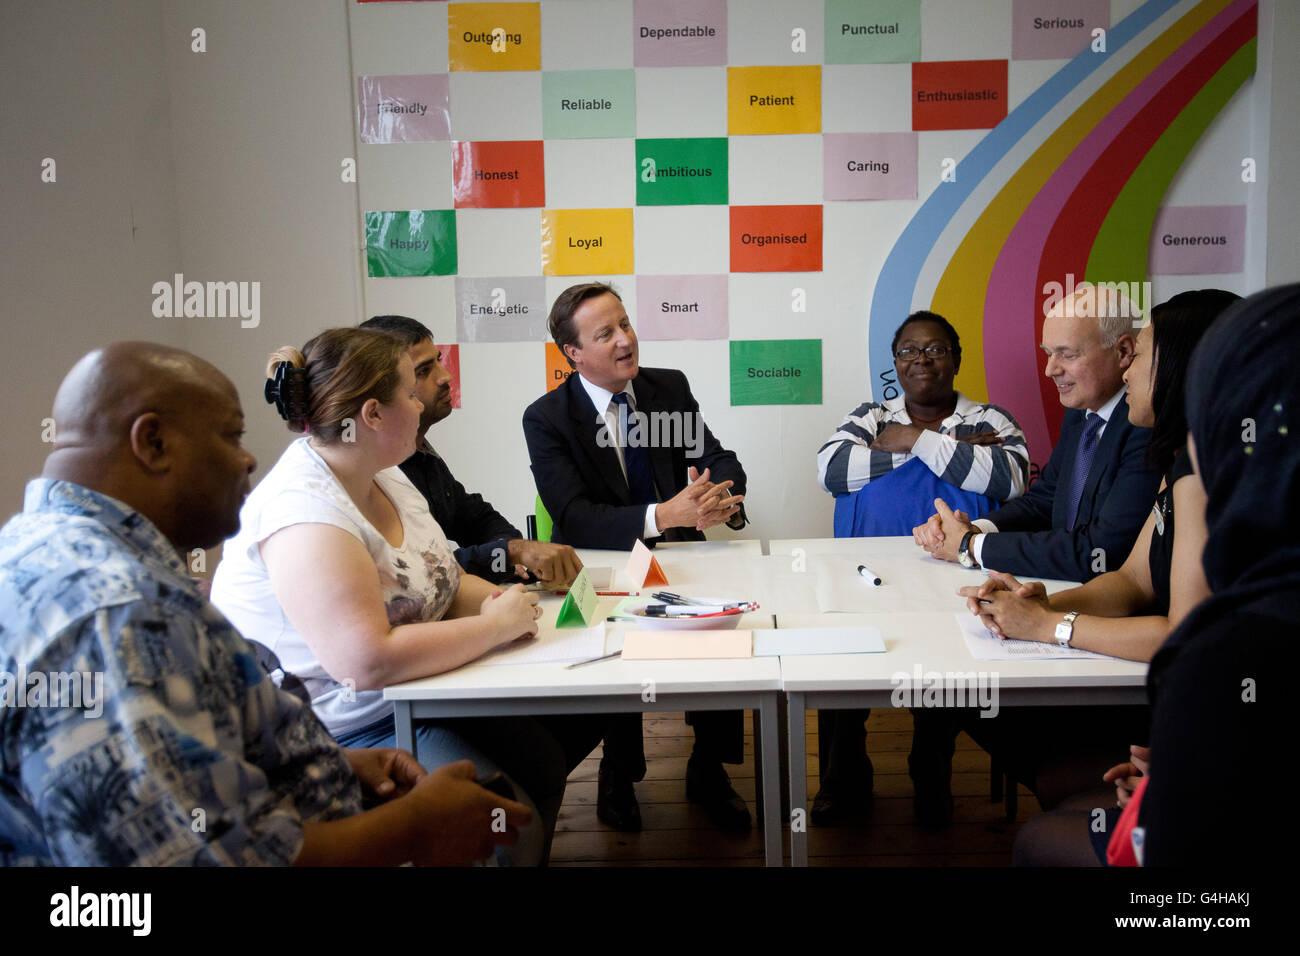 Premierminister David Cameron und der Staatssekretär für Arbeit und Pensionen Iain Duncan Smith nehmen an einer übertragbaren Schulung Teil, während sie die A4E (Action for Employment) Büros in Brixton im Süden Londons besuchen. Stockfoto